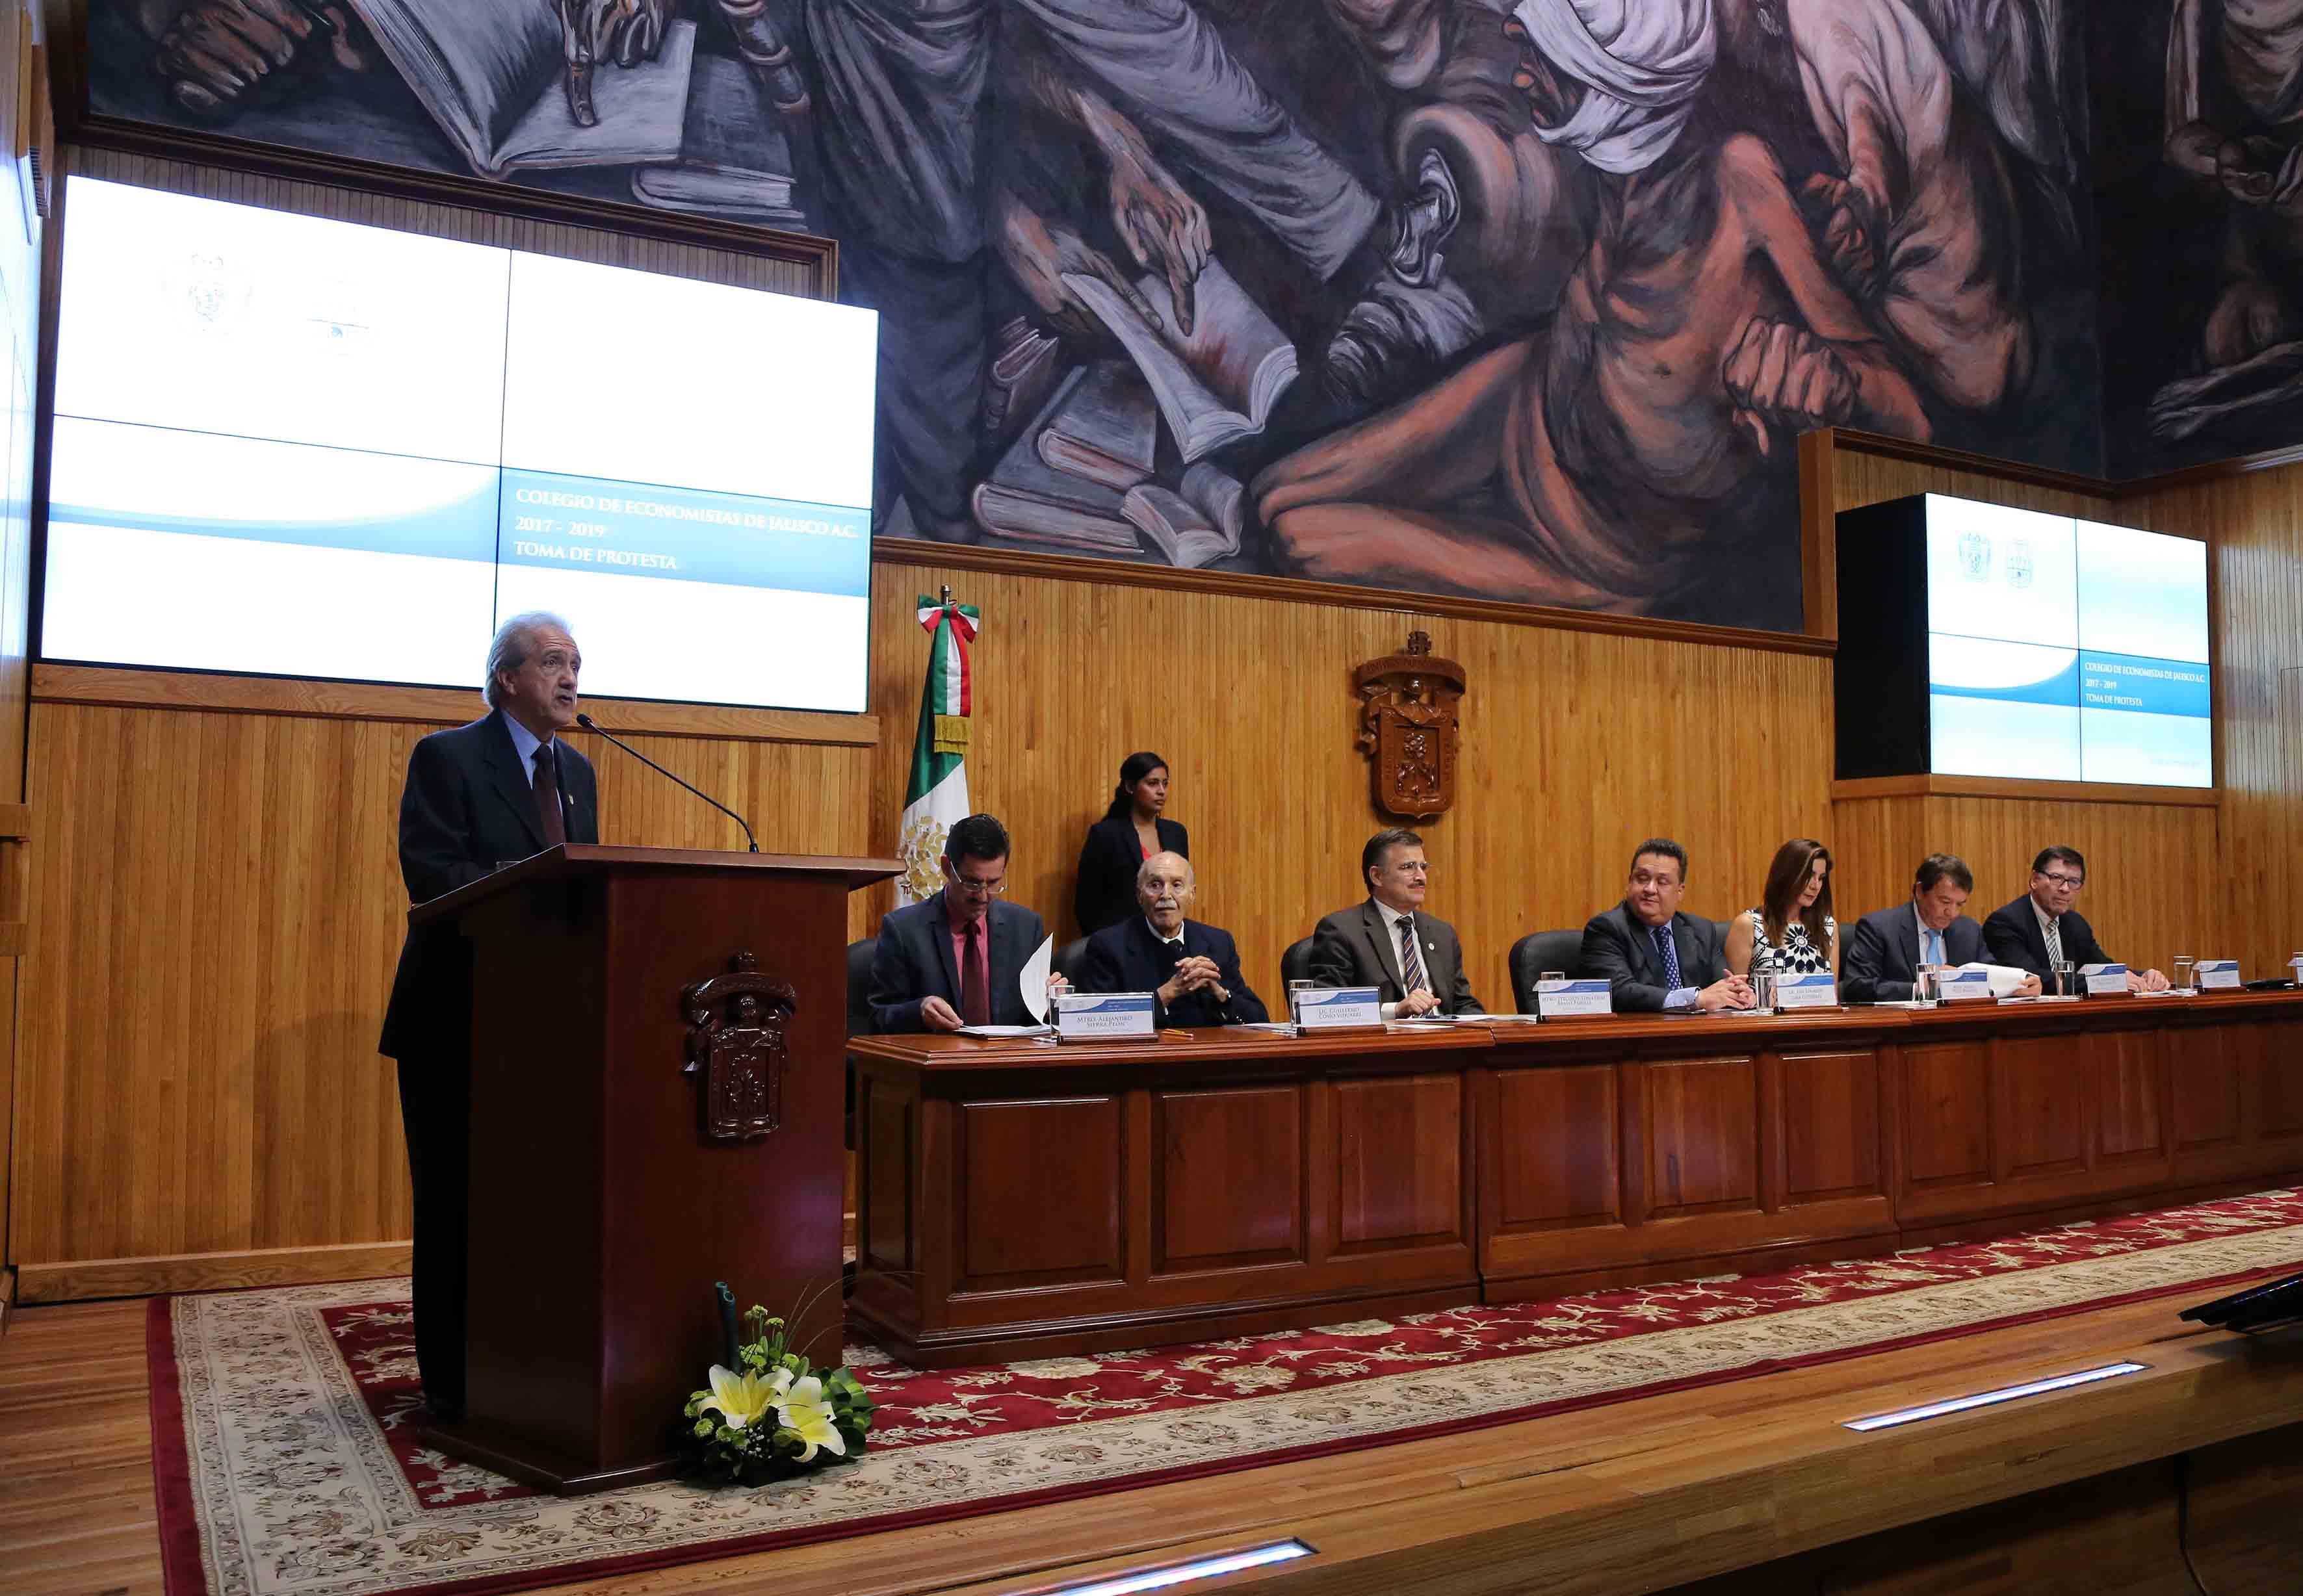 Ponente haciendo uso de la palabra en la toma de protesta de la Mesa Directiva 2017-2019 de ese organismo, en el Paraninfo Enrique Díaz de León.